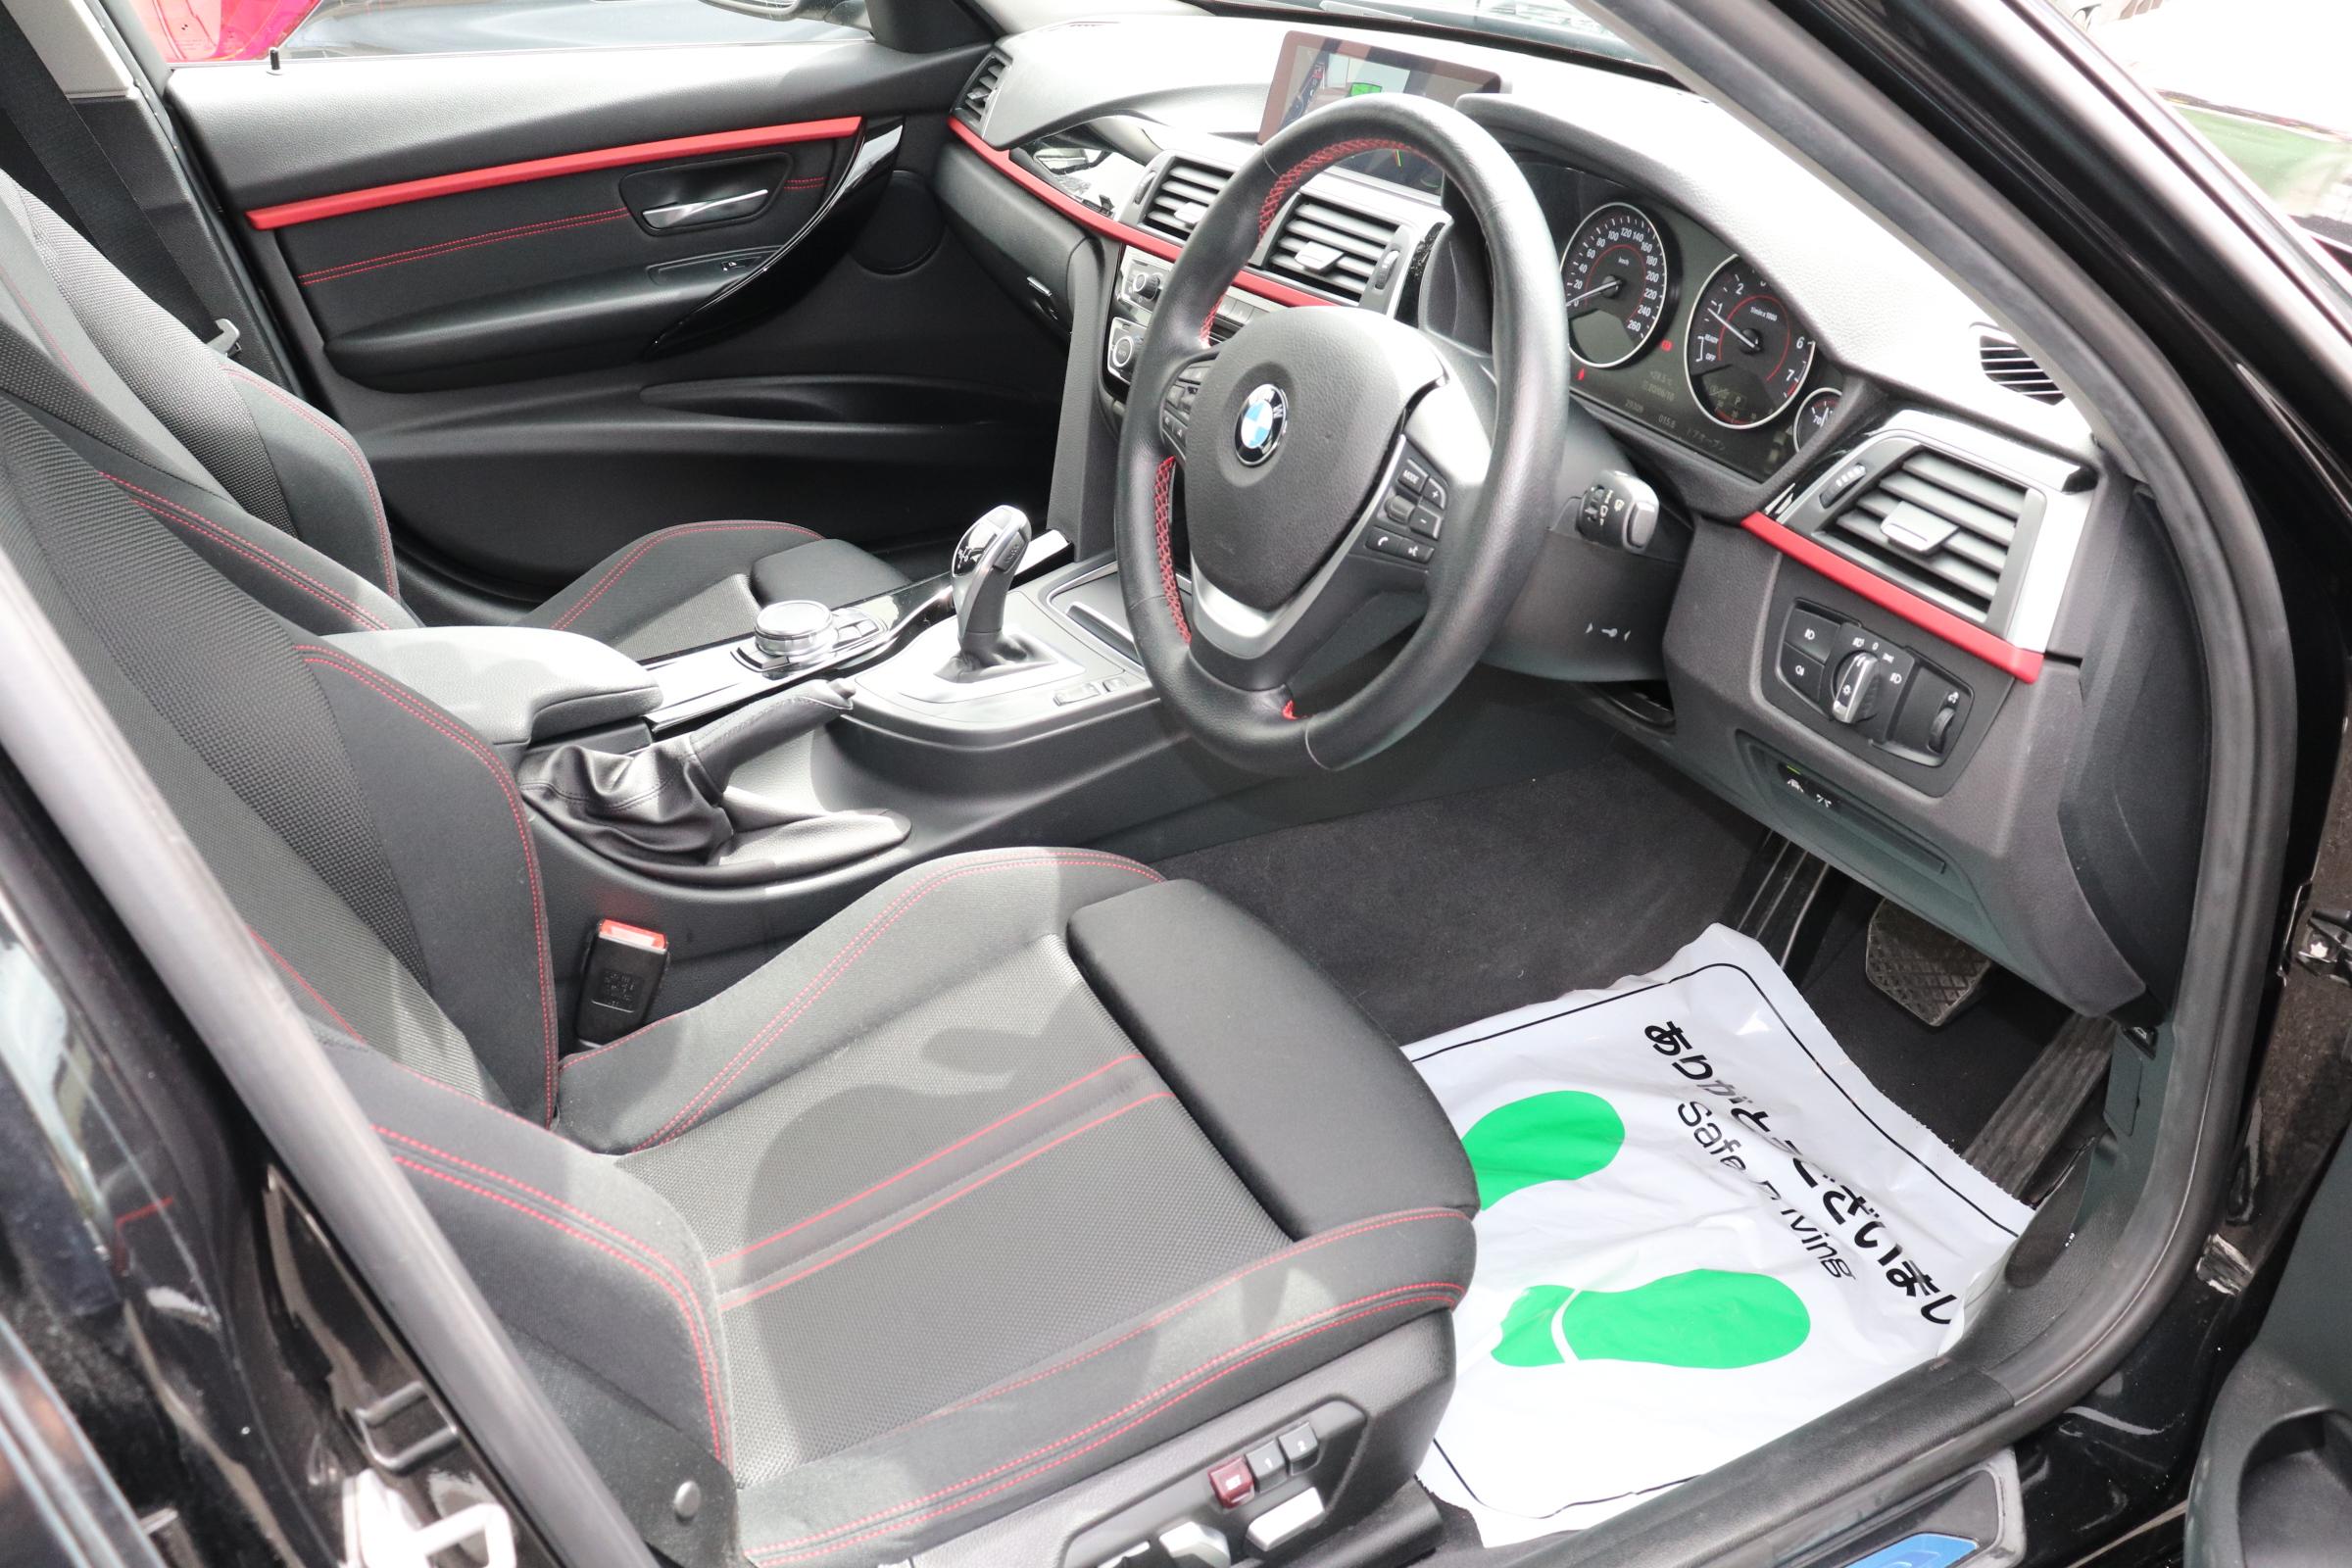 320iスポーツ BEAMコンプリートカー 後期モデル パドルシフト ACC車両画像10